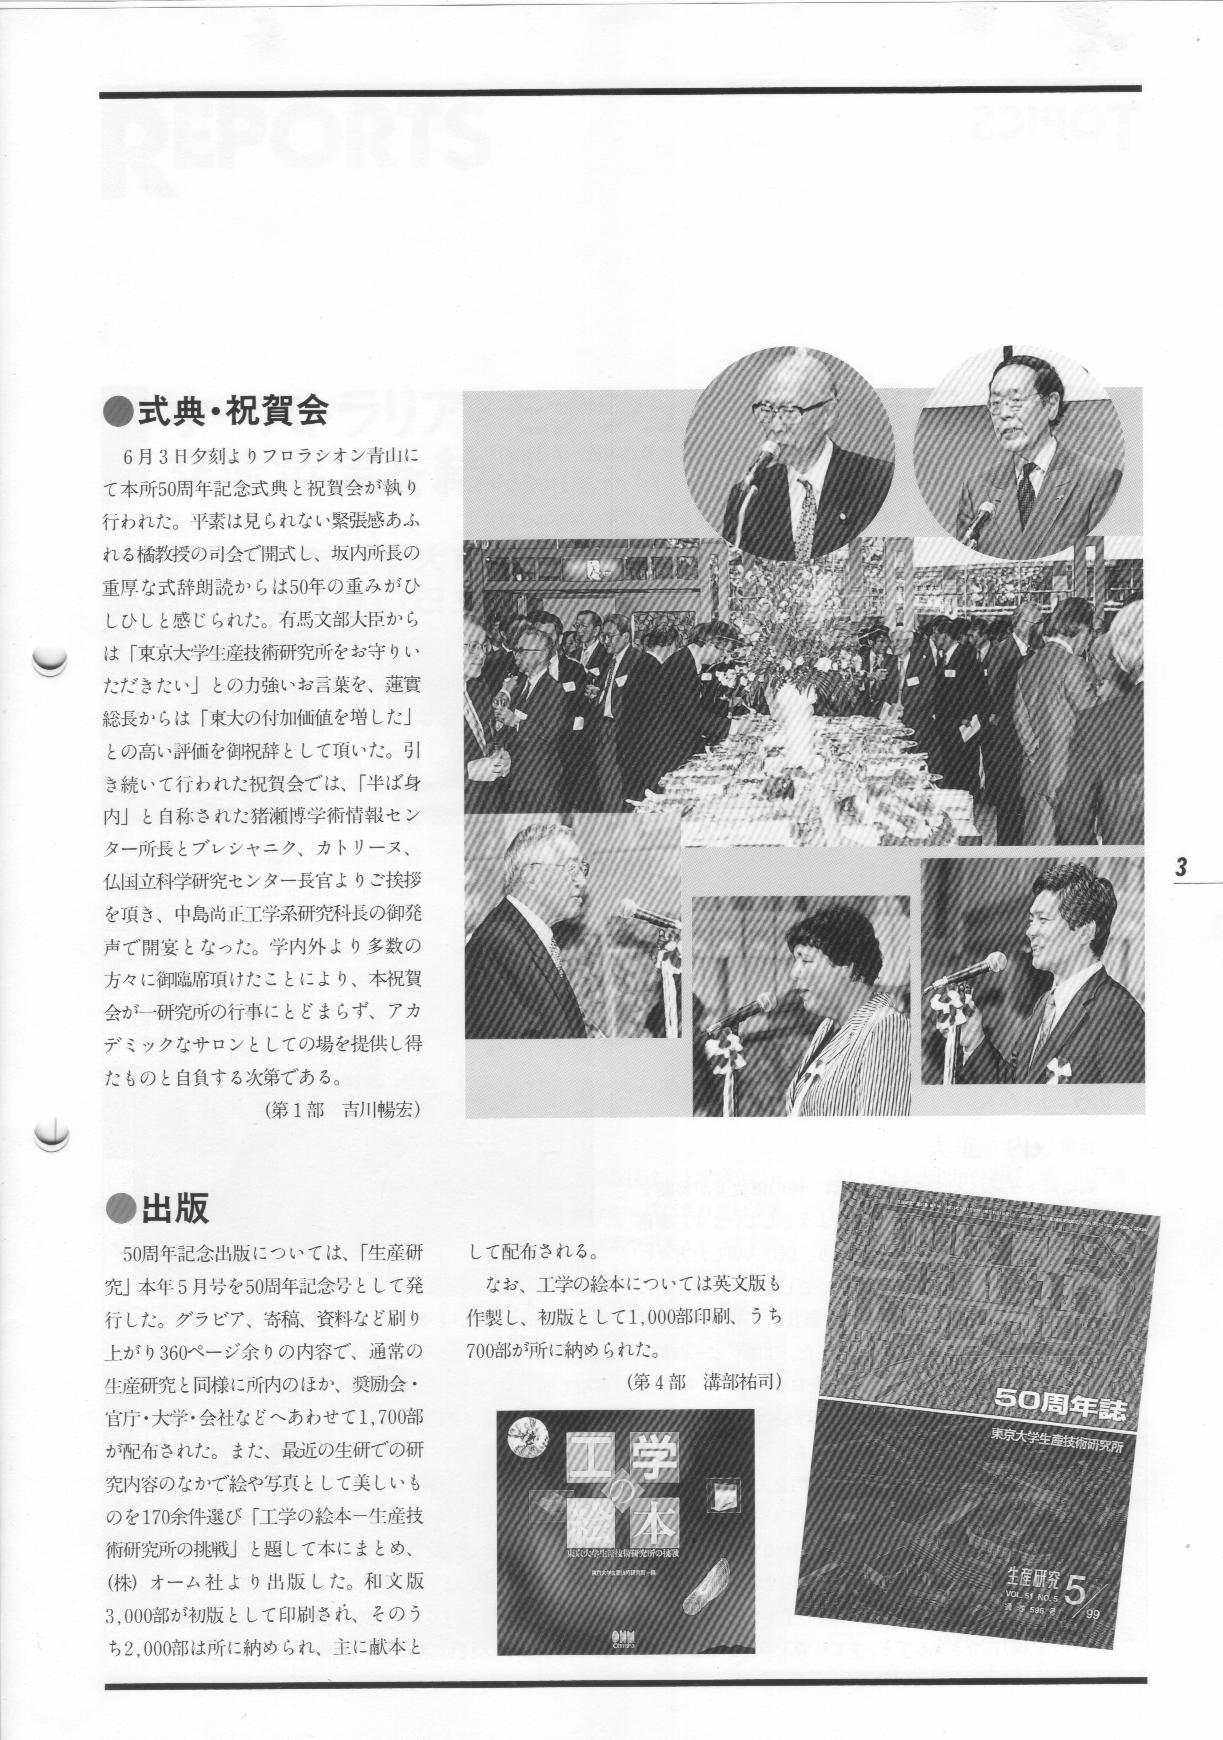 生研ニュース19990801.png